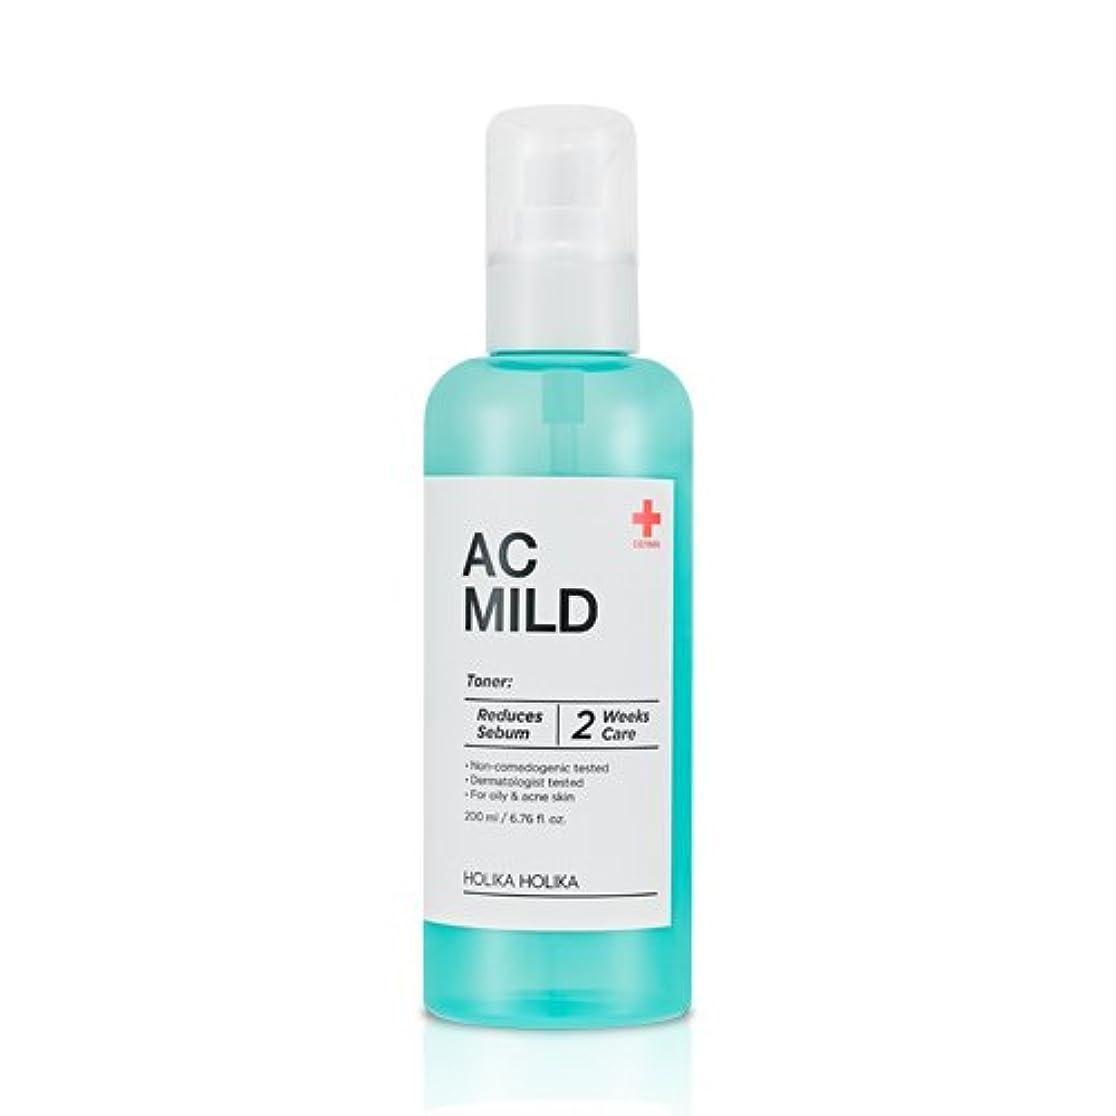 ホリカホリカ ACマイルドスキントナー/HolikaHolika AC Mild Skin Toner 200ml?化粧水 [並行輸入品]